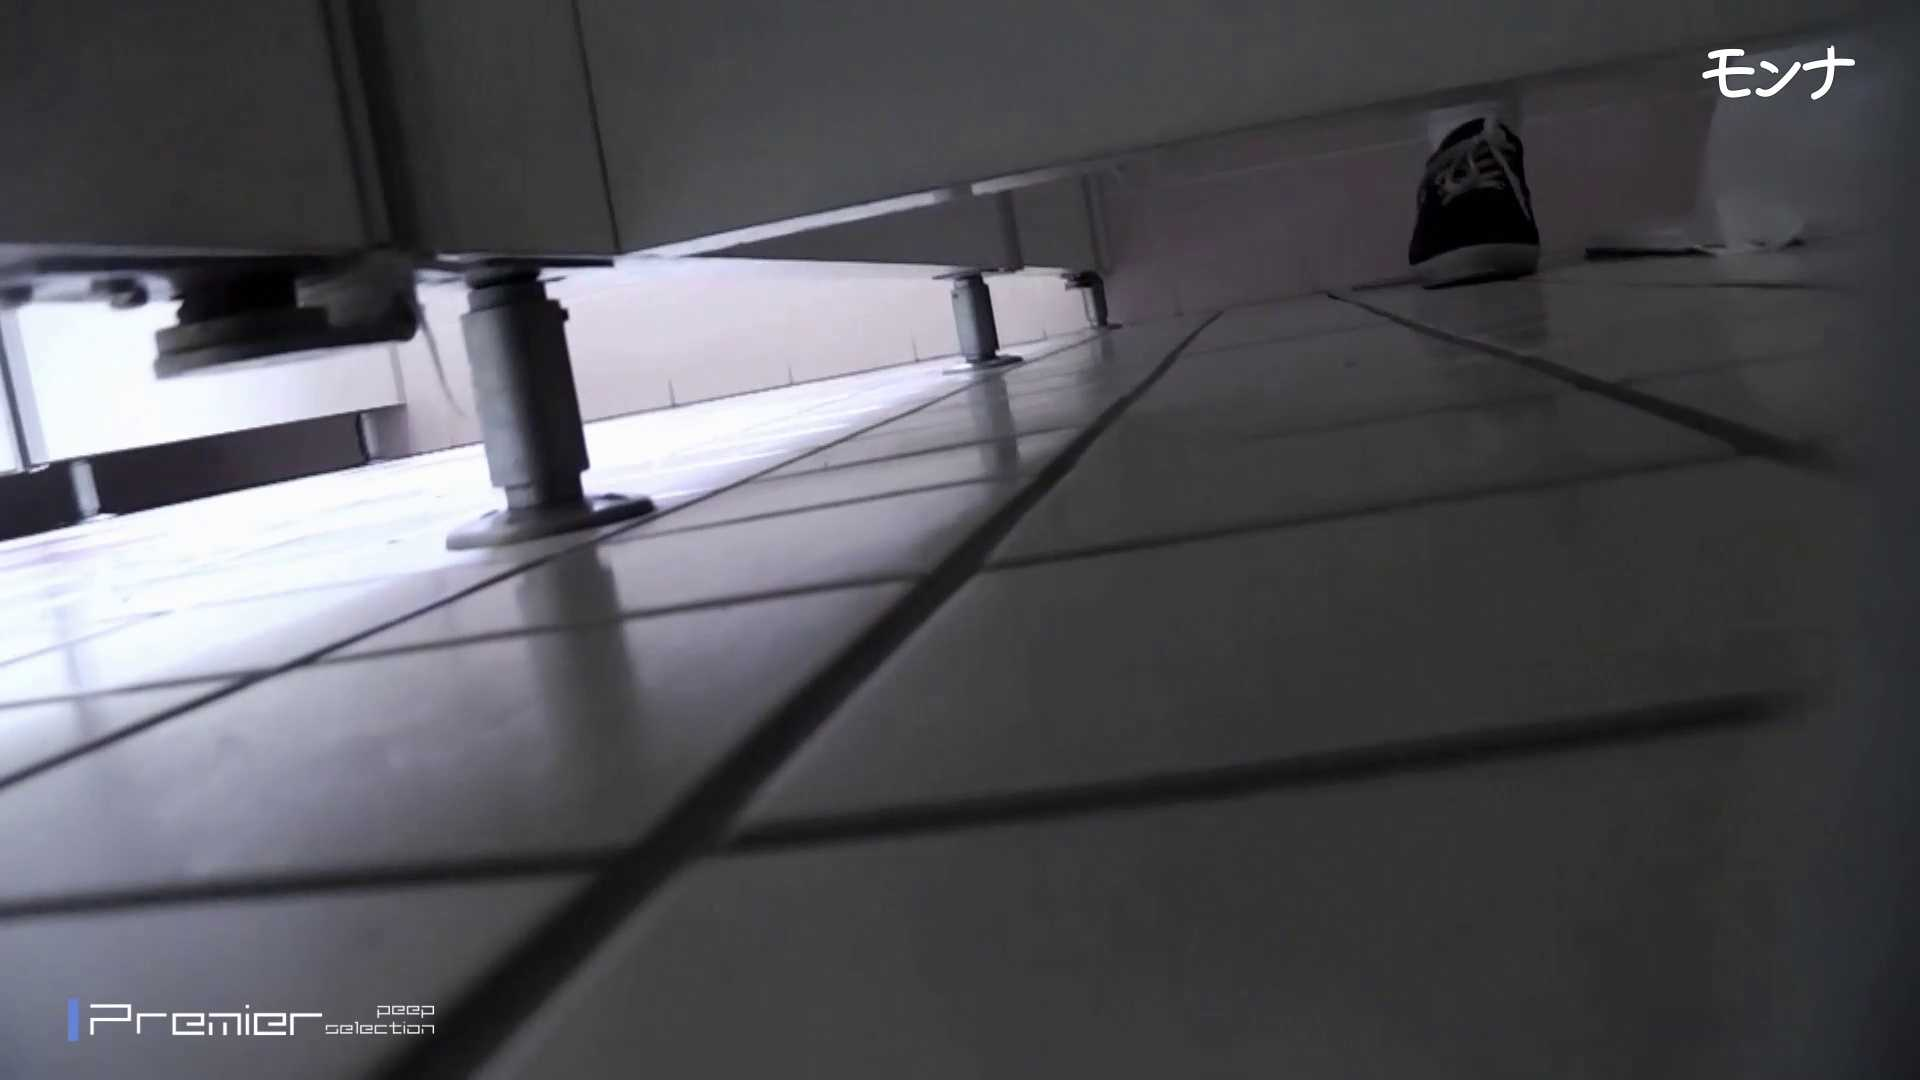 美しい日本の未来 No.73 自然なセクシーな仕草に感動中 美肌 AV無料動画キャプチャ 57画像 4